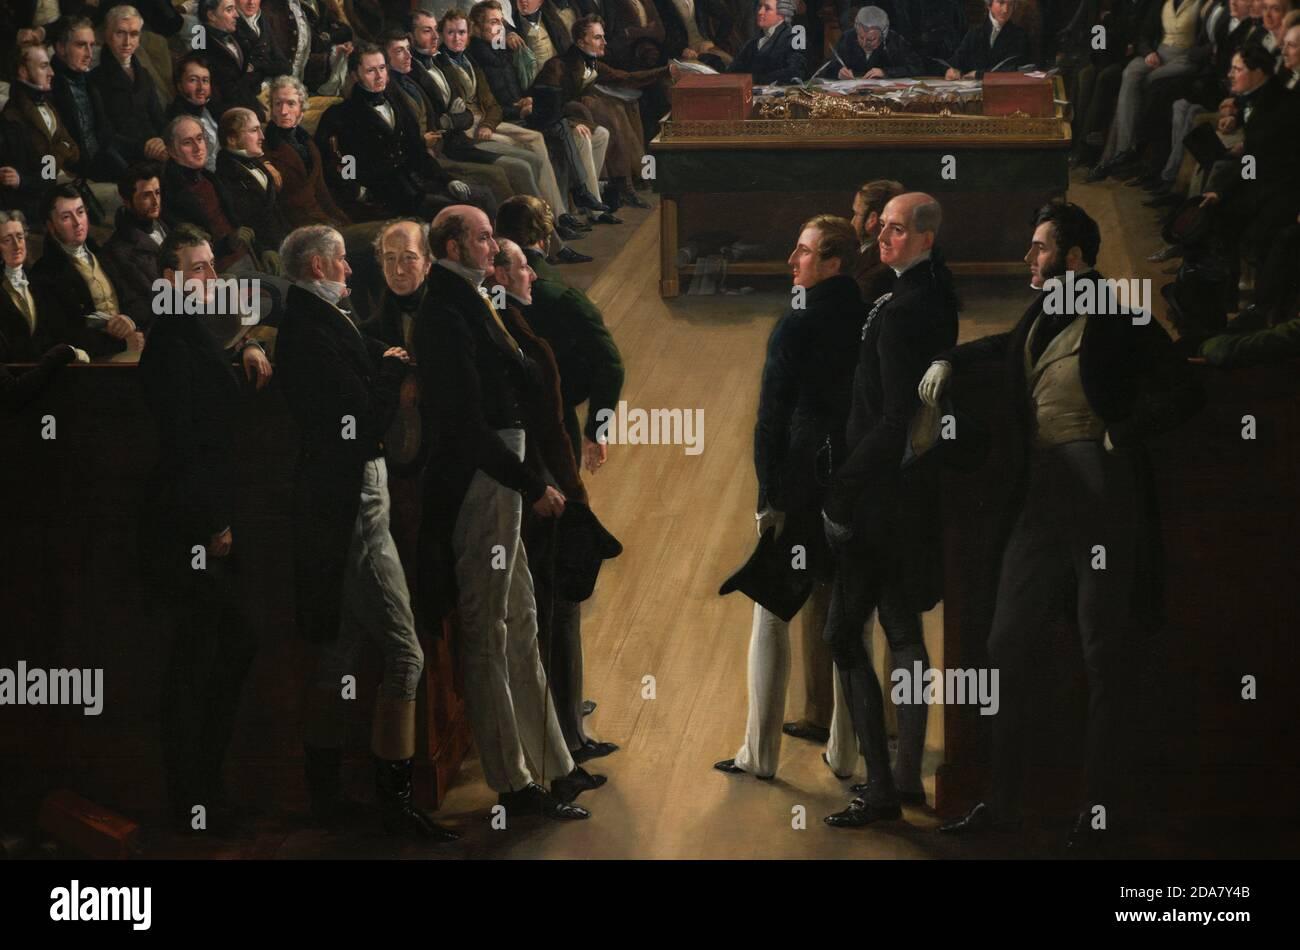 La Casa reformada de los comunes,1833. Pintura de Sir George Hayter (1792-1871). Óleo sobre lienzo, firmado y fechado en 1833-1843. Este cuadro conmemora la aprobación de la Gran Ley de Reforma en 1832, que representa la primera sesión de la nueva Cámara de los comunes el 5 de febrero de 1833, celebrada en la Capilla de San Esteban que fue destruida por el fuego en 1834. Detalle. Sir Francis Burdett, Henry Temple y Richard Grenville. Galería Nacional de Retratos. Londres, Inglaterra, Reino Unido. Foto de stock